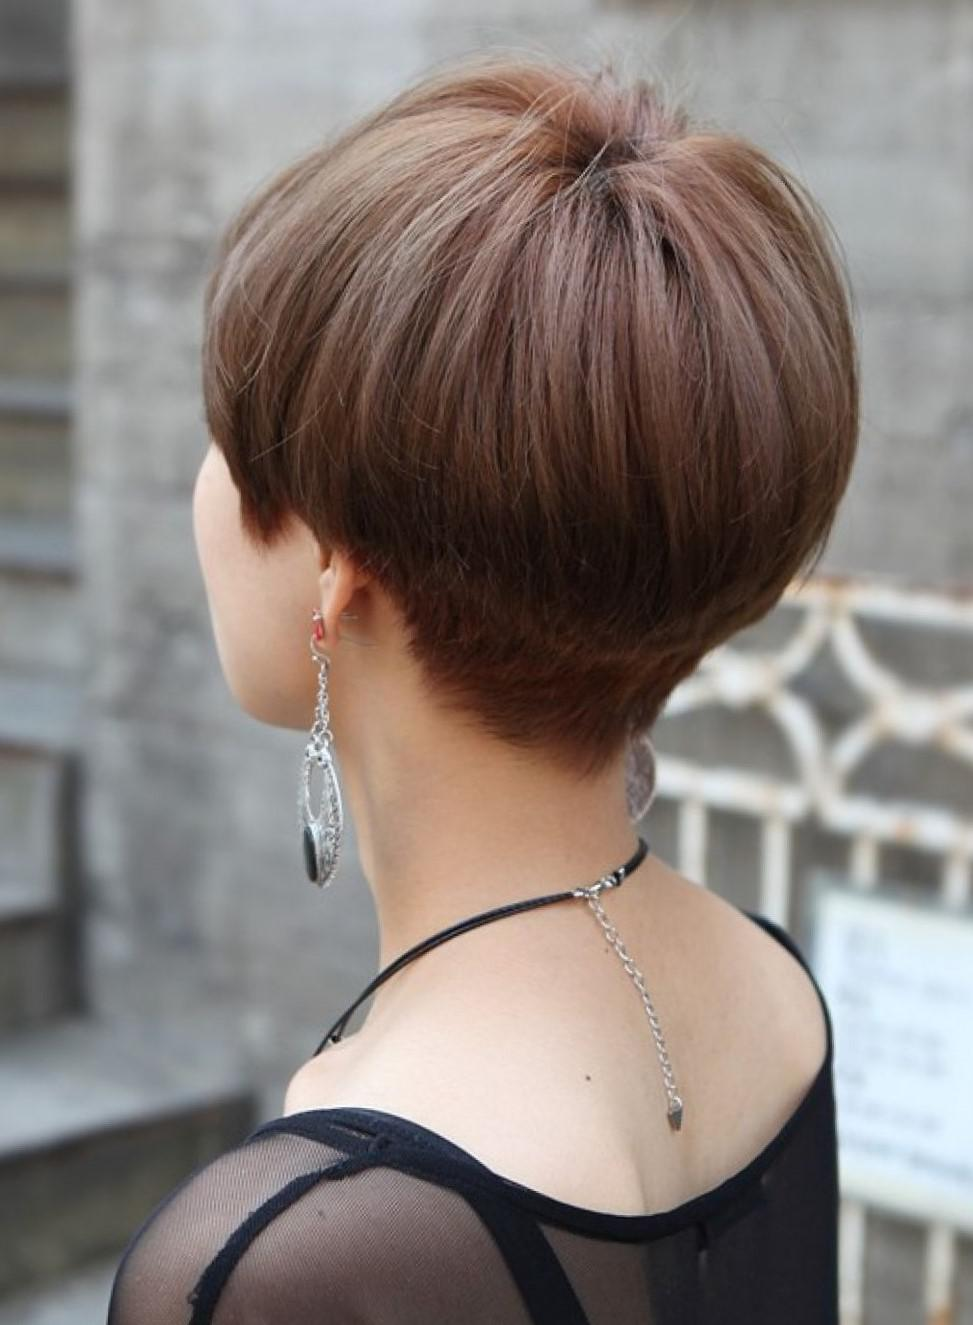 image83-1 | Модные женские стрижки на короткие волосы: основные правила и варианты исполнения